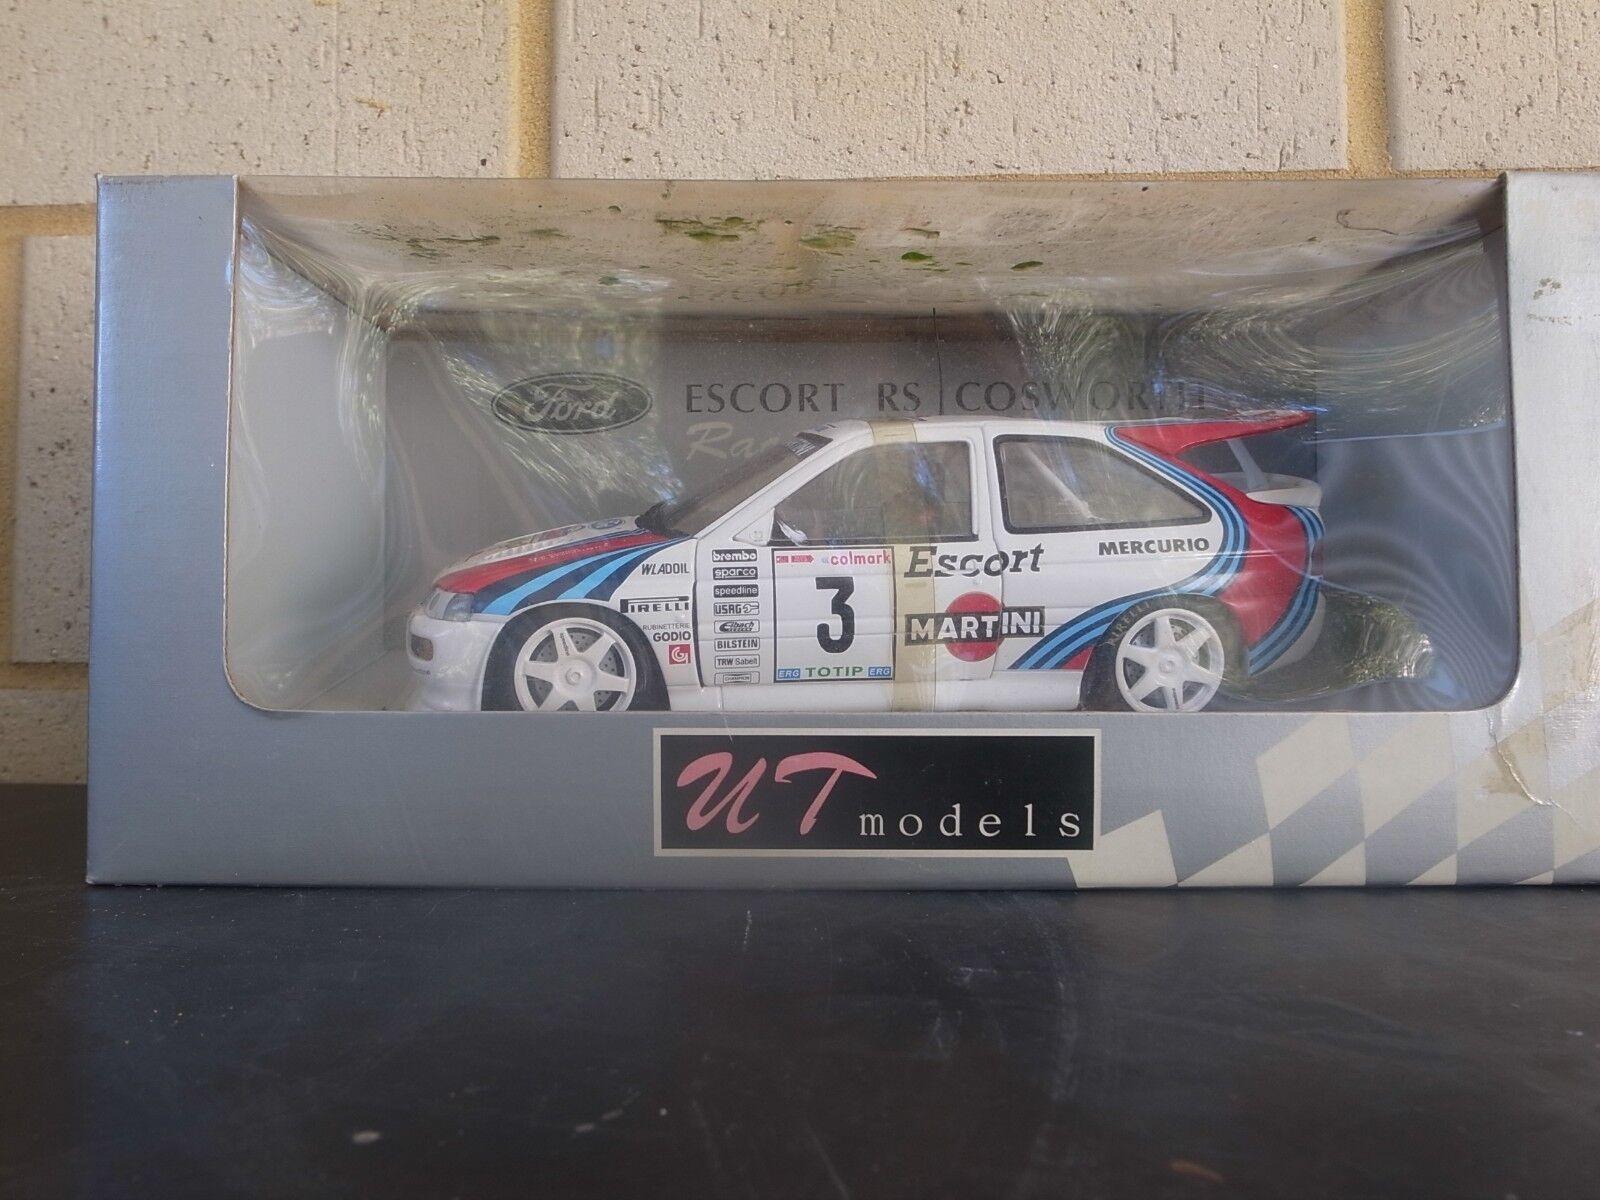 Nuevos productos de artículos novedosos. UT FORD ESCORT RS COSWORTH WRC model rally Coche 1000 1000 1000 Miglia '95 1 18  compras de moda online